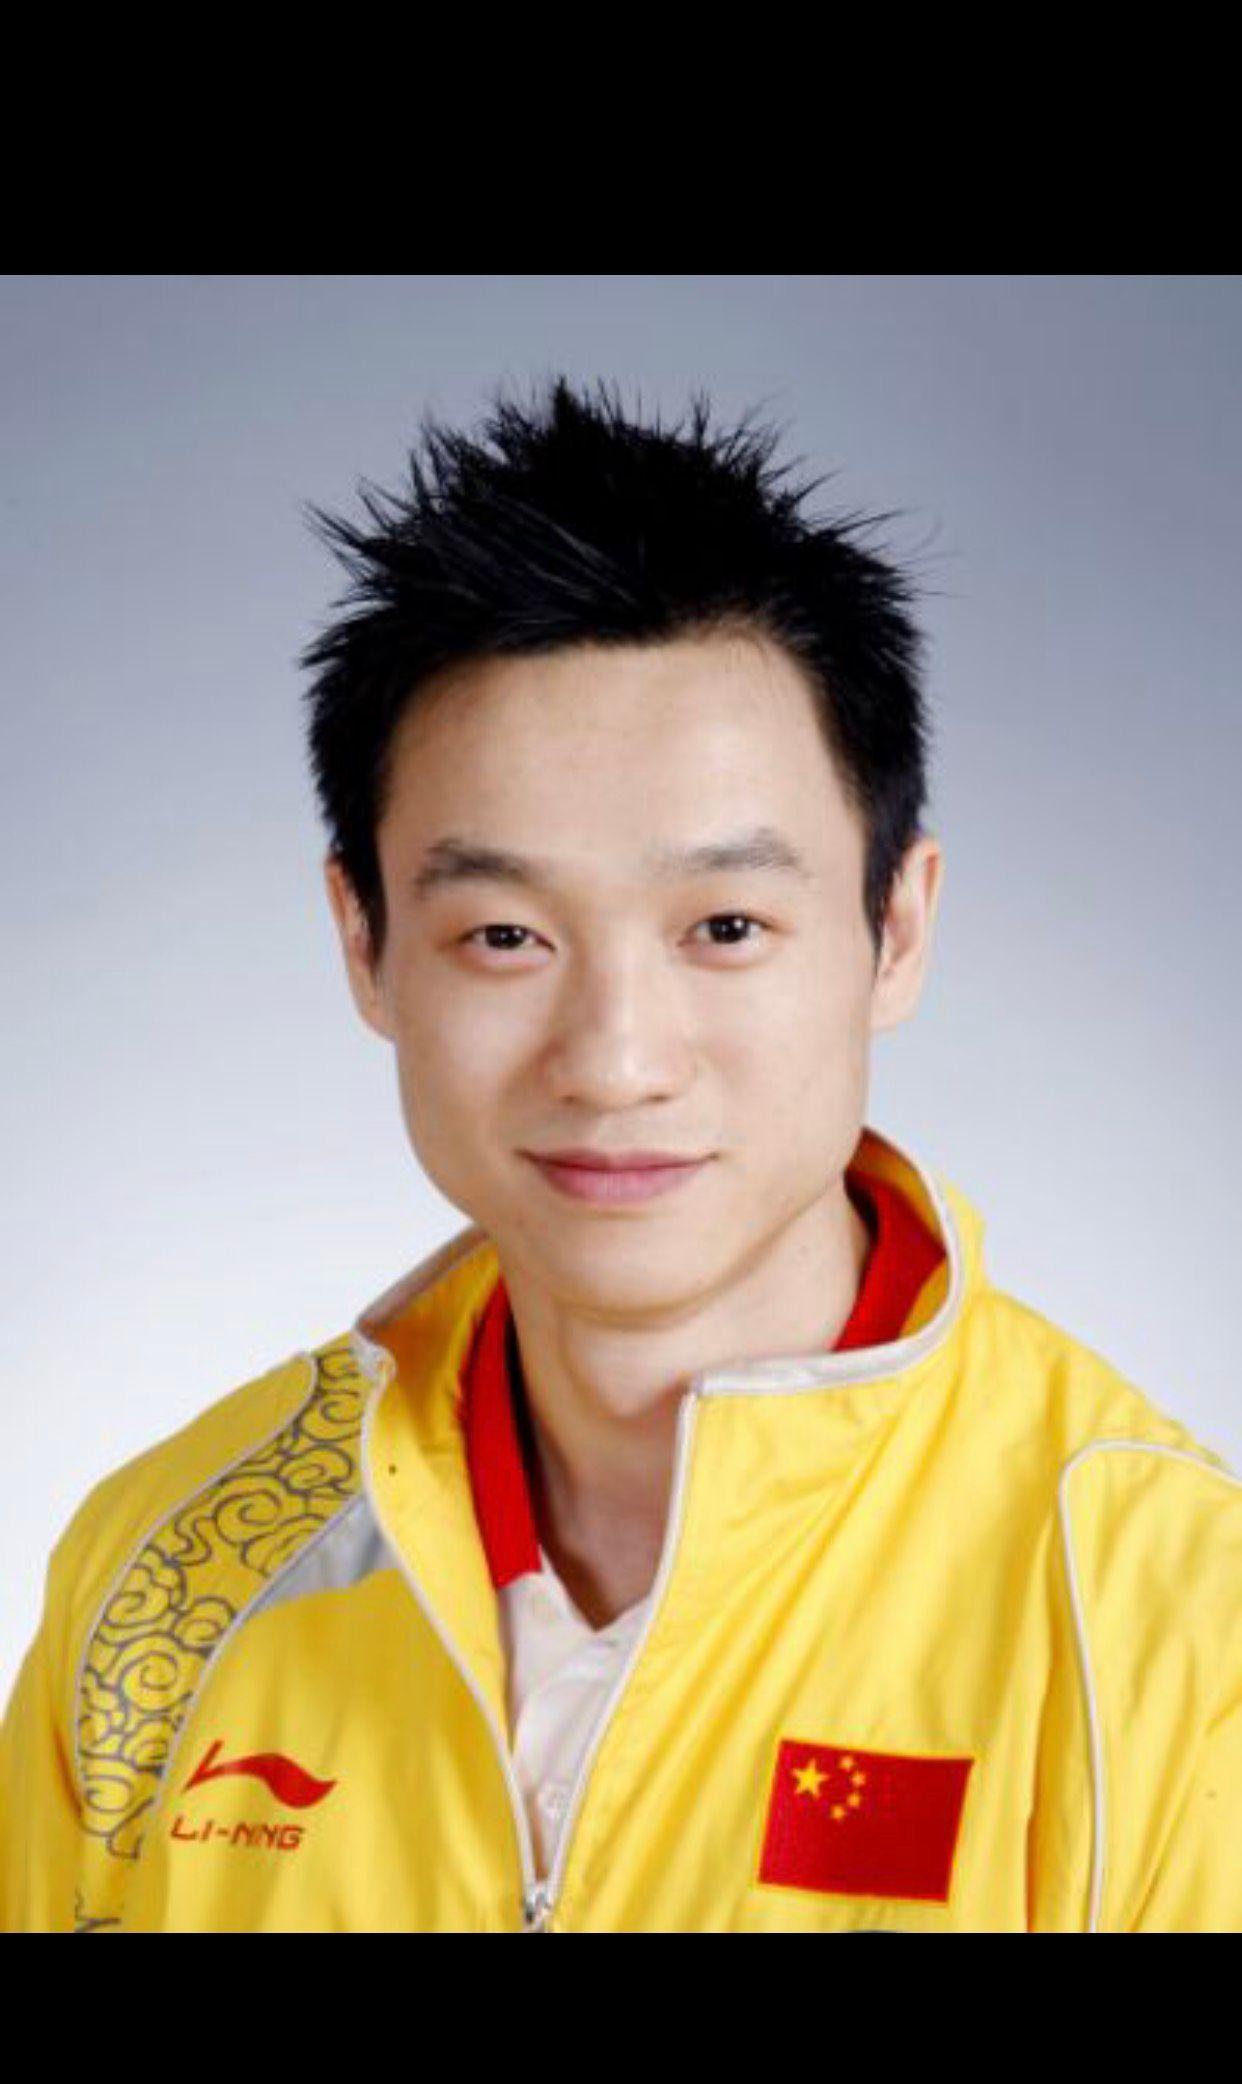 名人诞辰:中国男子体操运动员一一杨威